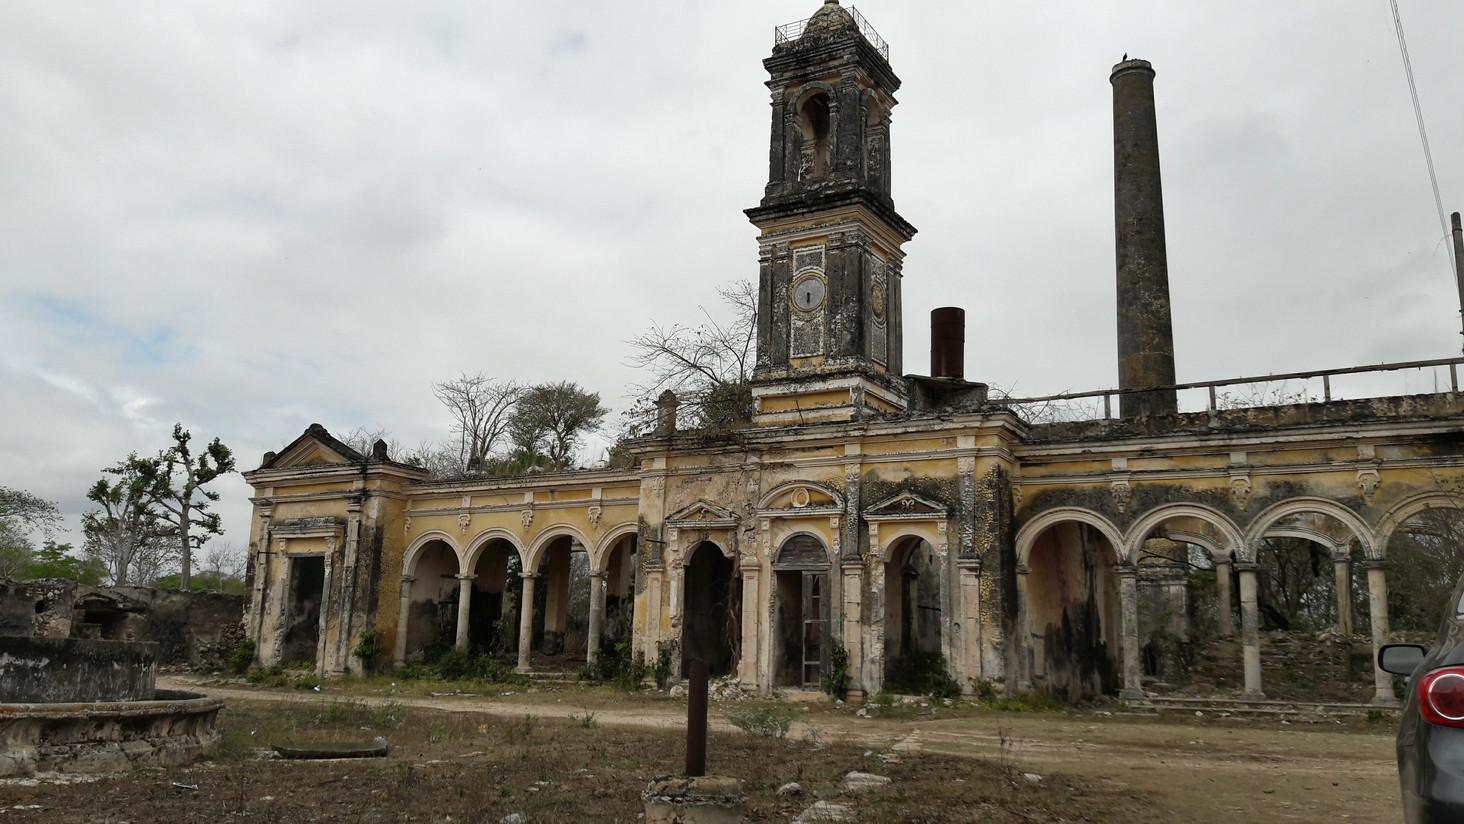 Sisal (henequenera) Hacienda